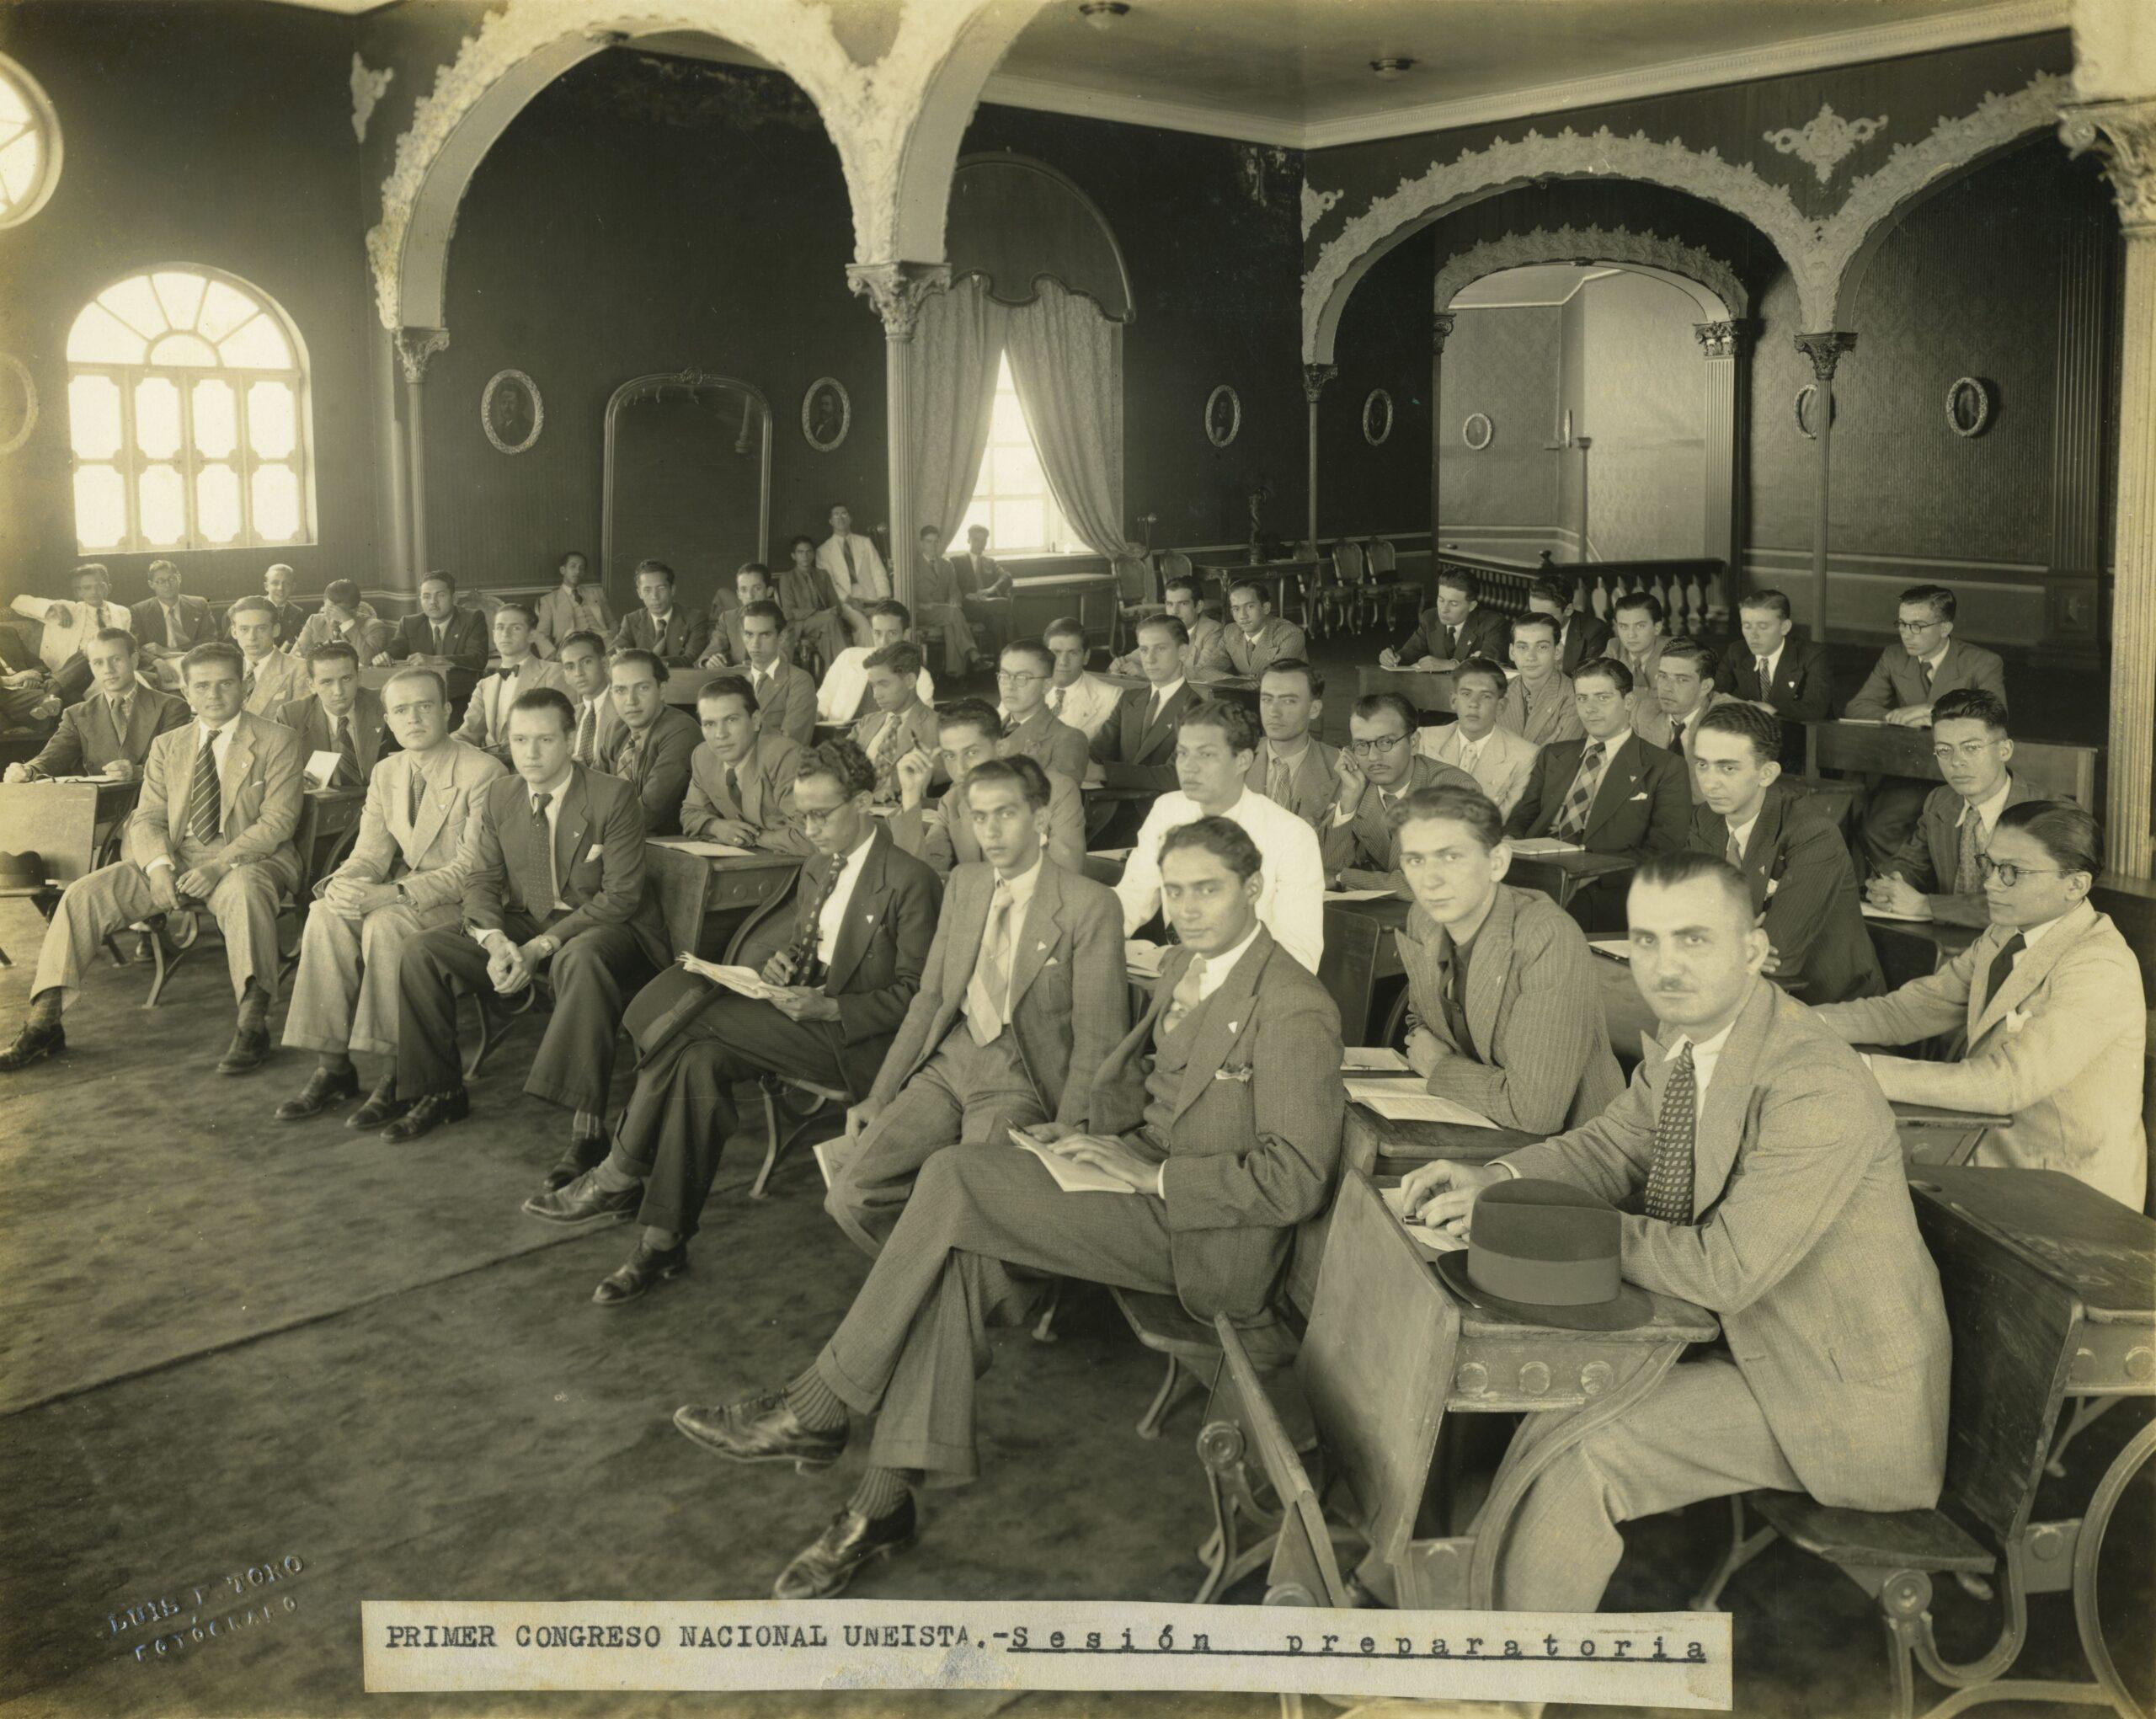 Discurso en el acto inaugural del Primer Congreso de la UNE (1939)